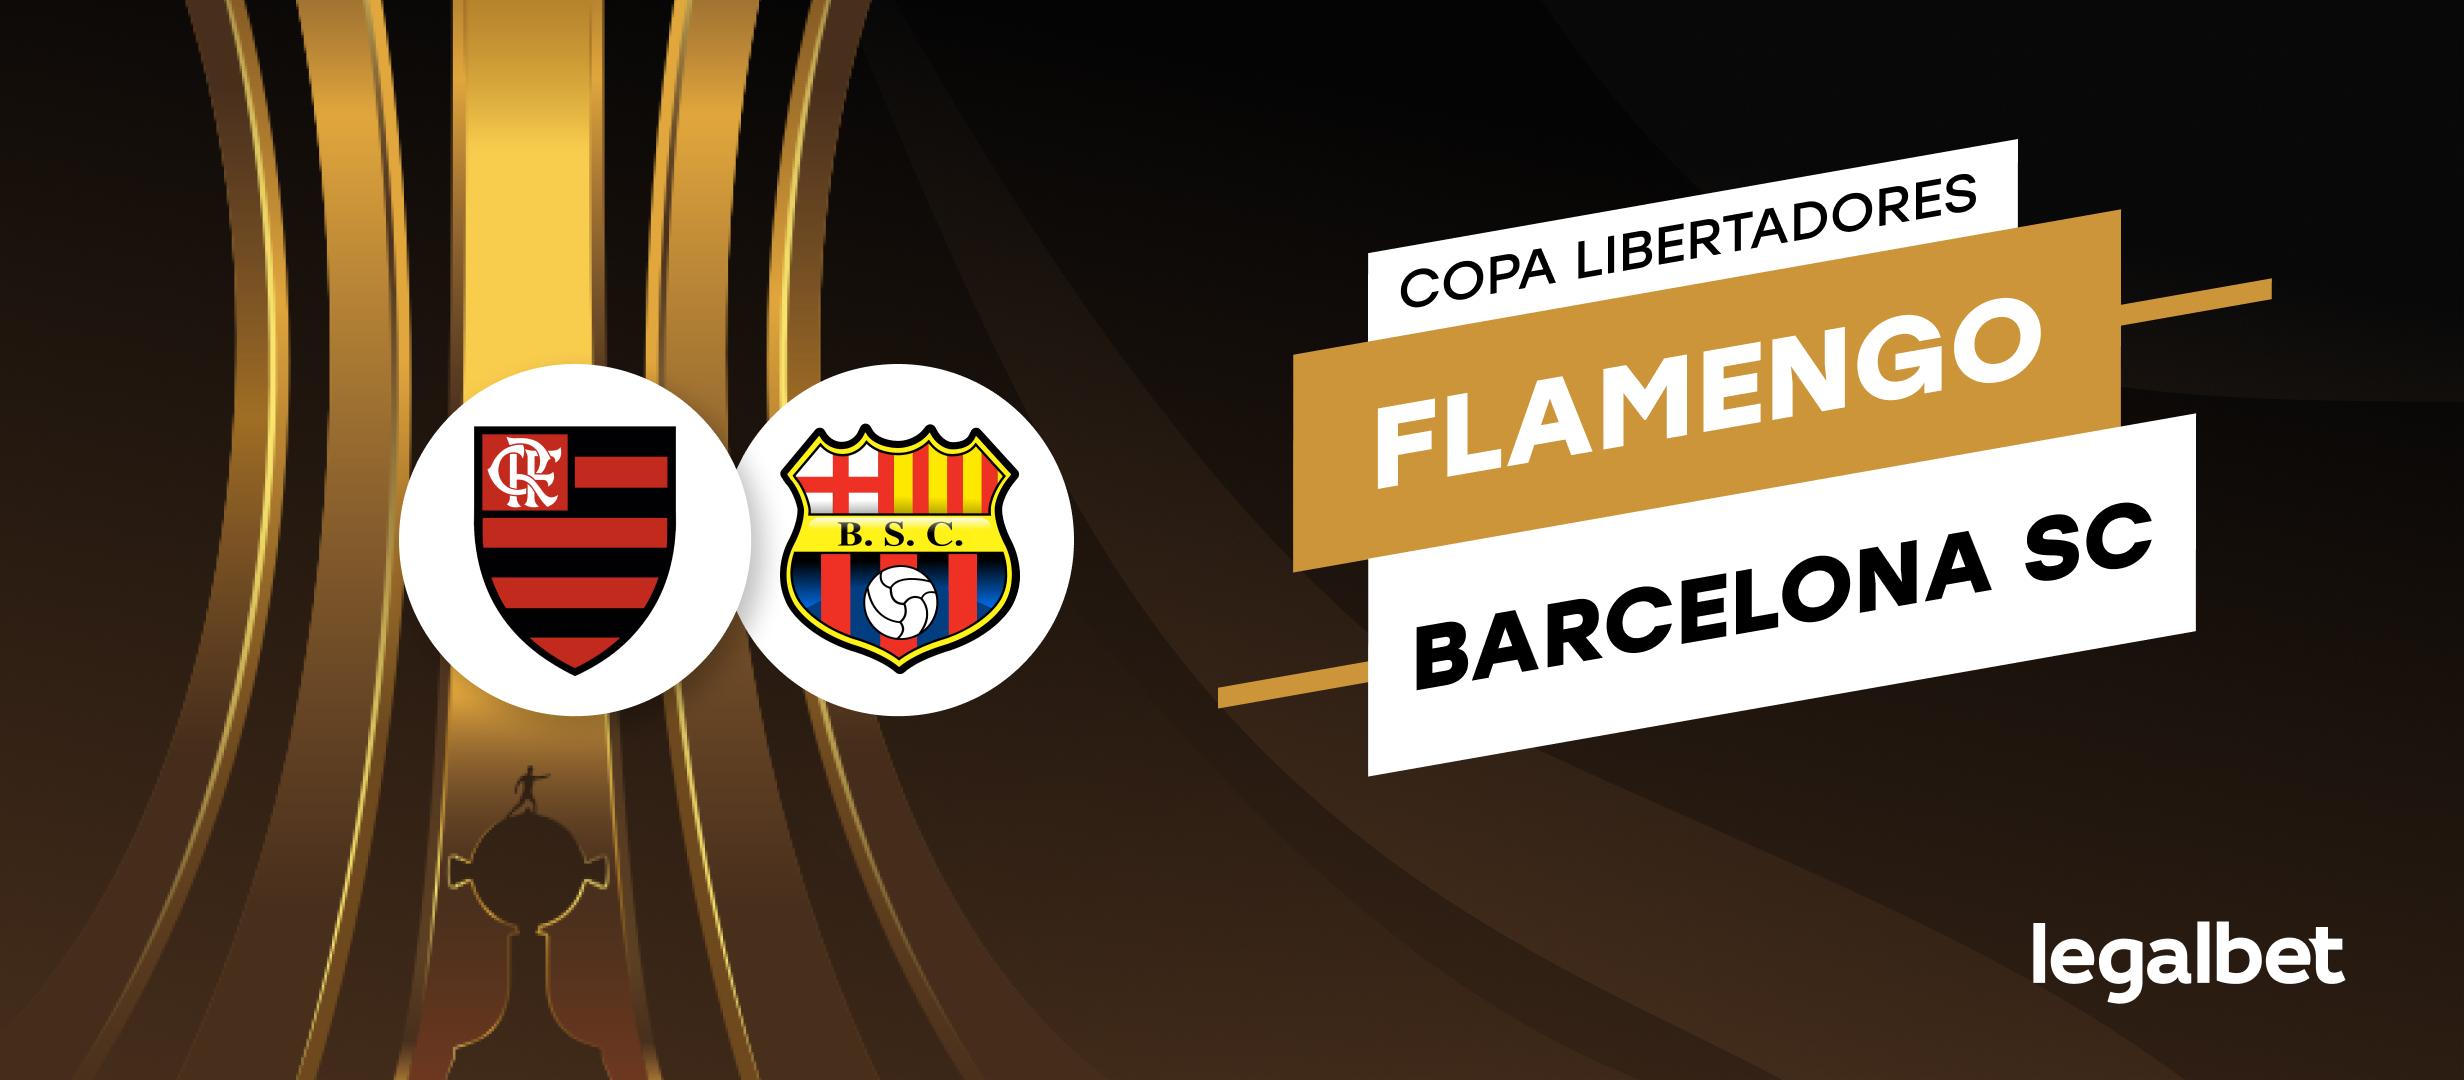 Previa y apuestas, Semifinal de Libertadores Flamengo vs Barcelona